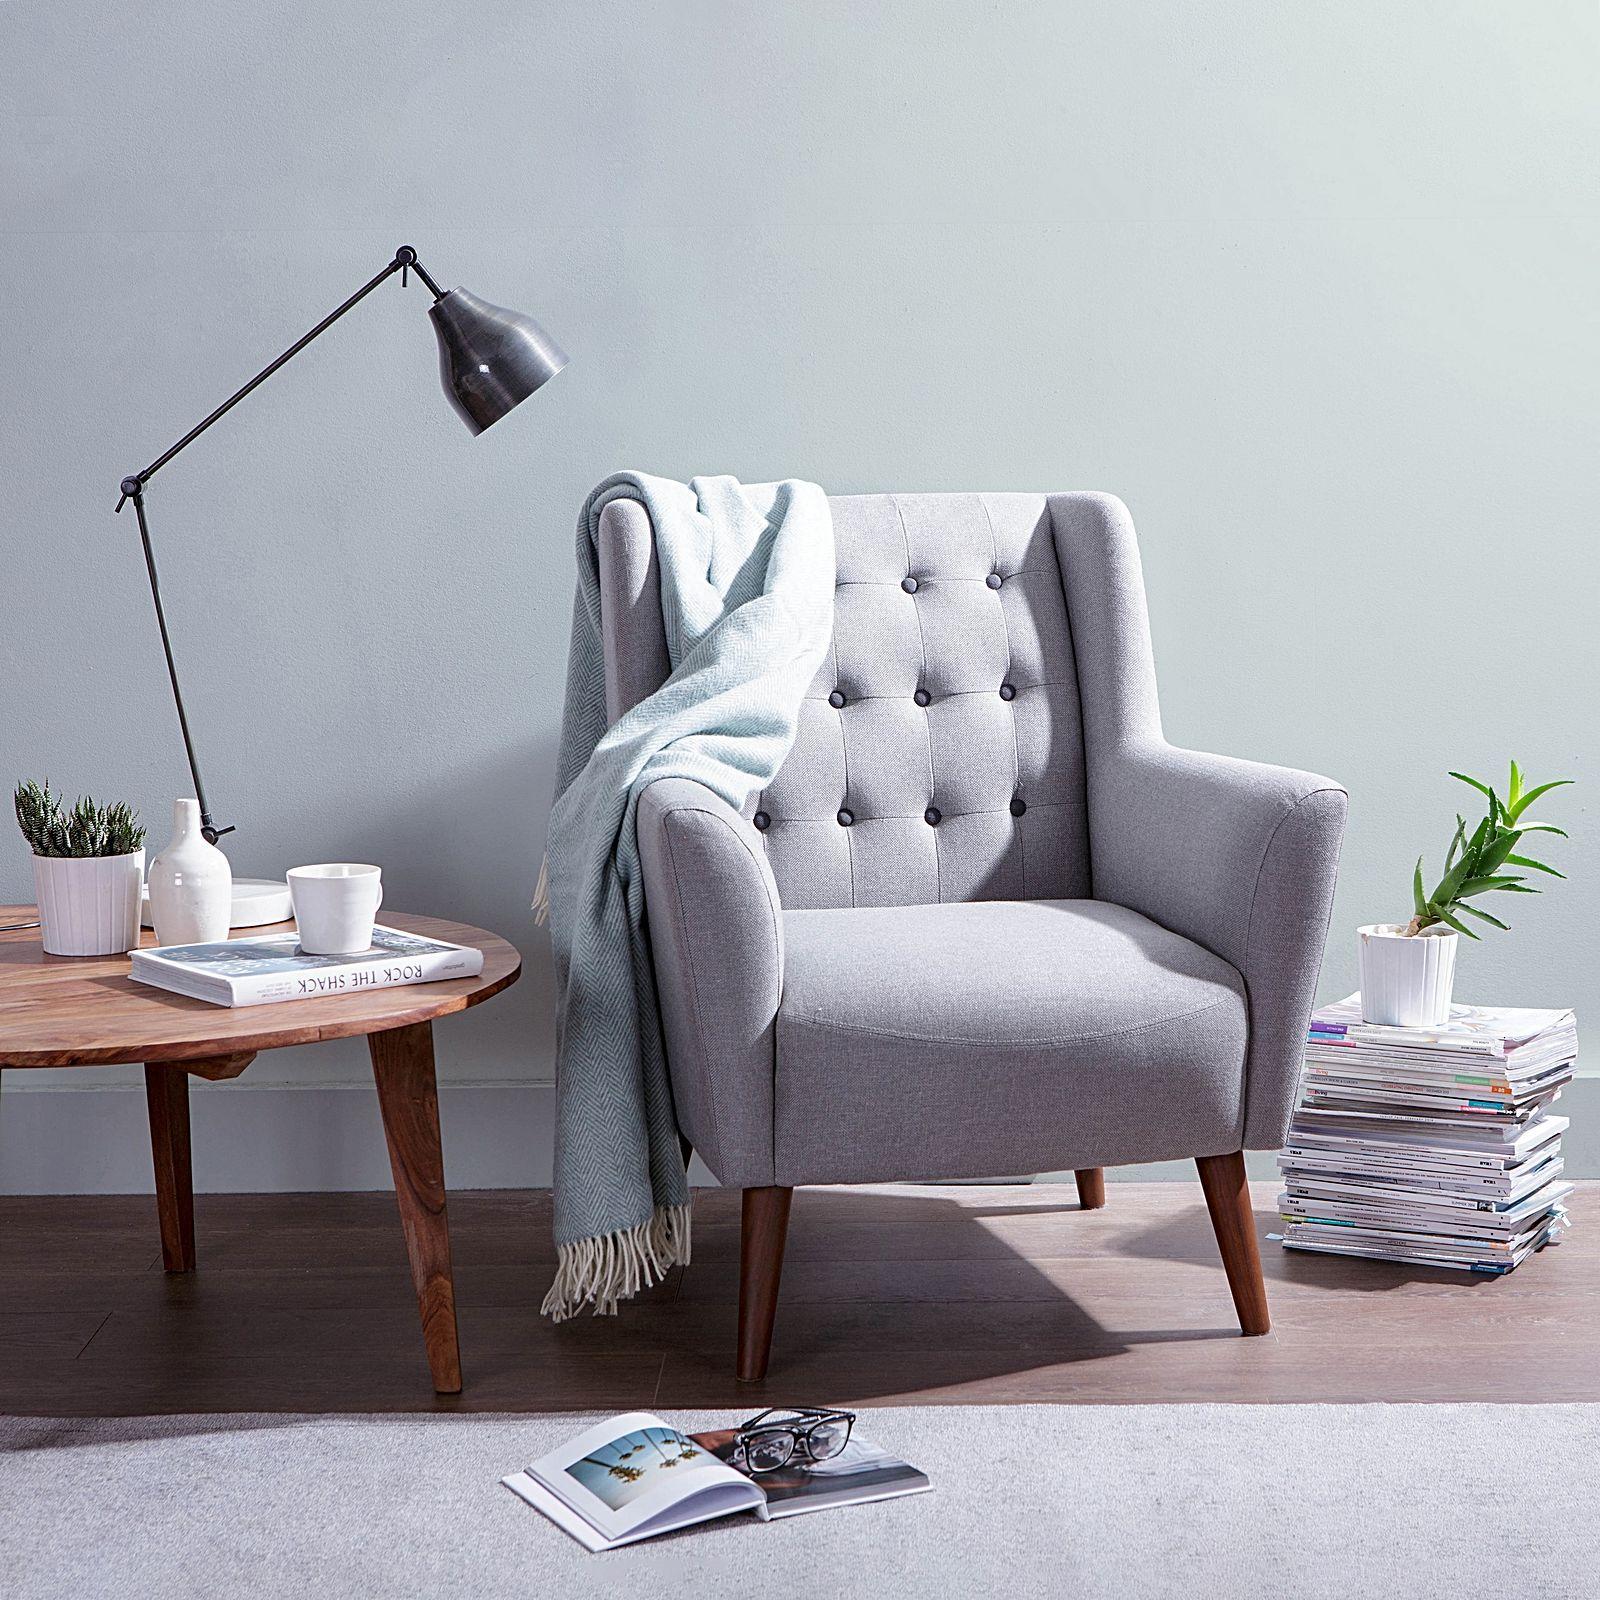 zanui desk chair steel jhula best 25 43 armchair ideas on pinterest armchairs teal